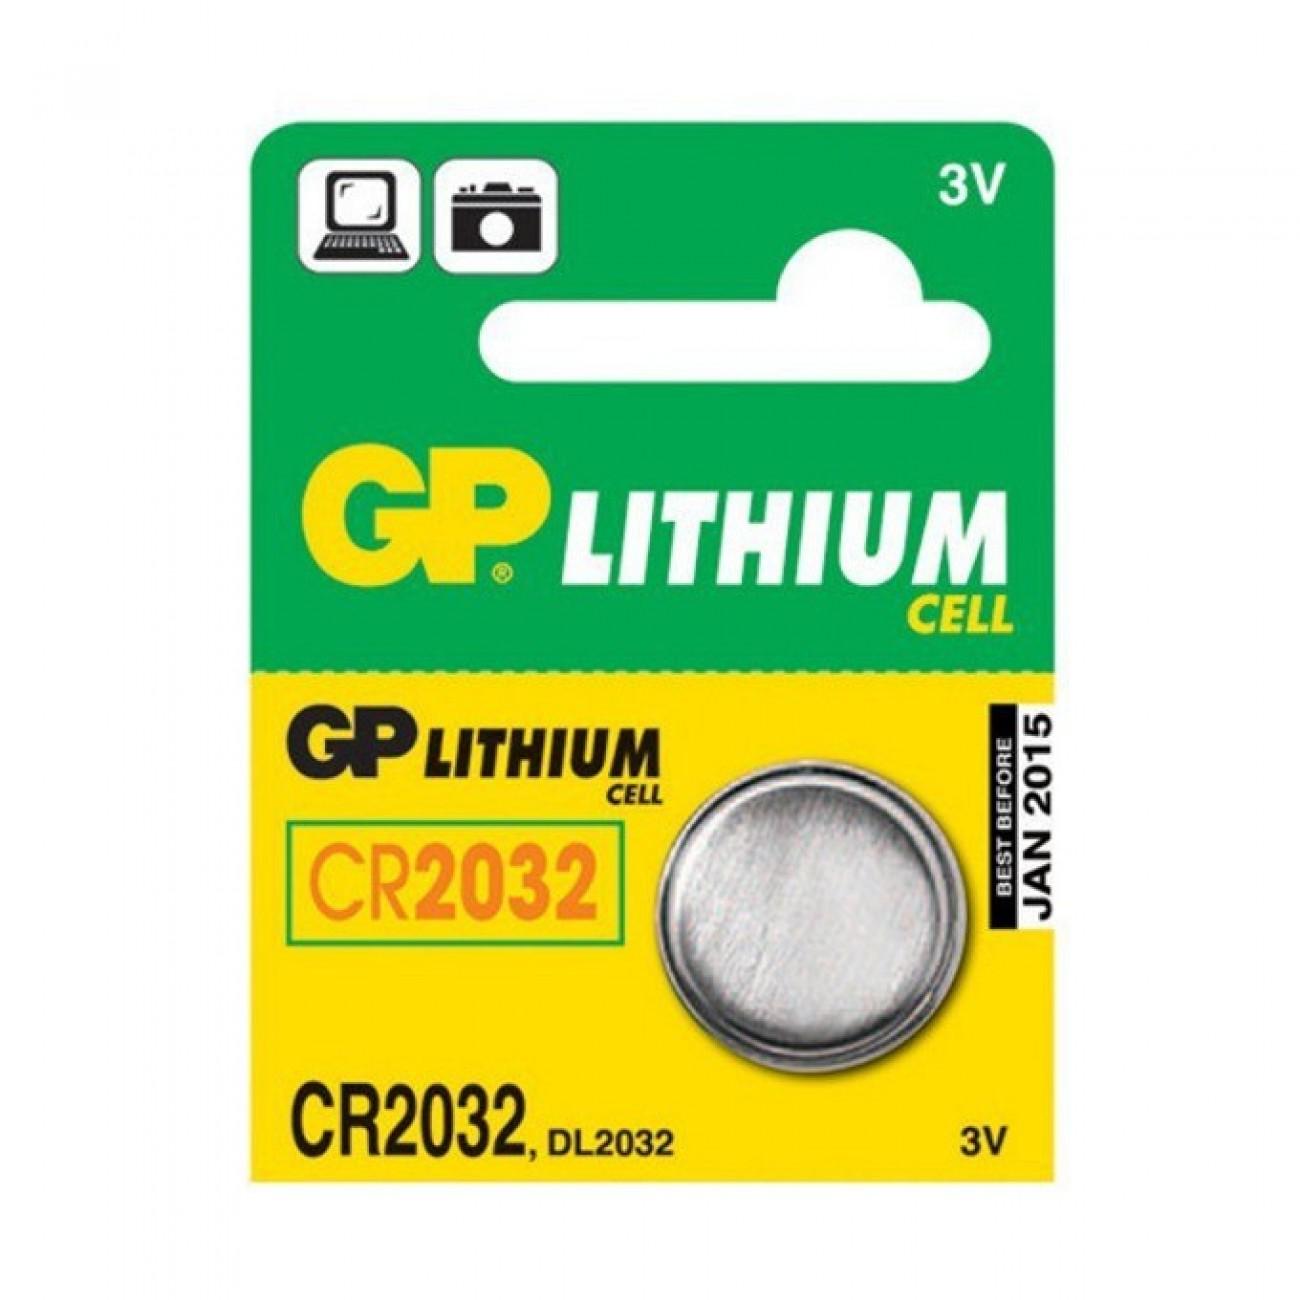 Батерия литиева GP CR2032, 3V, 5 бр. в опаковка цена за 1бр. в Стандартни Еднократни батерии -  | Alleop